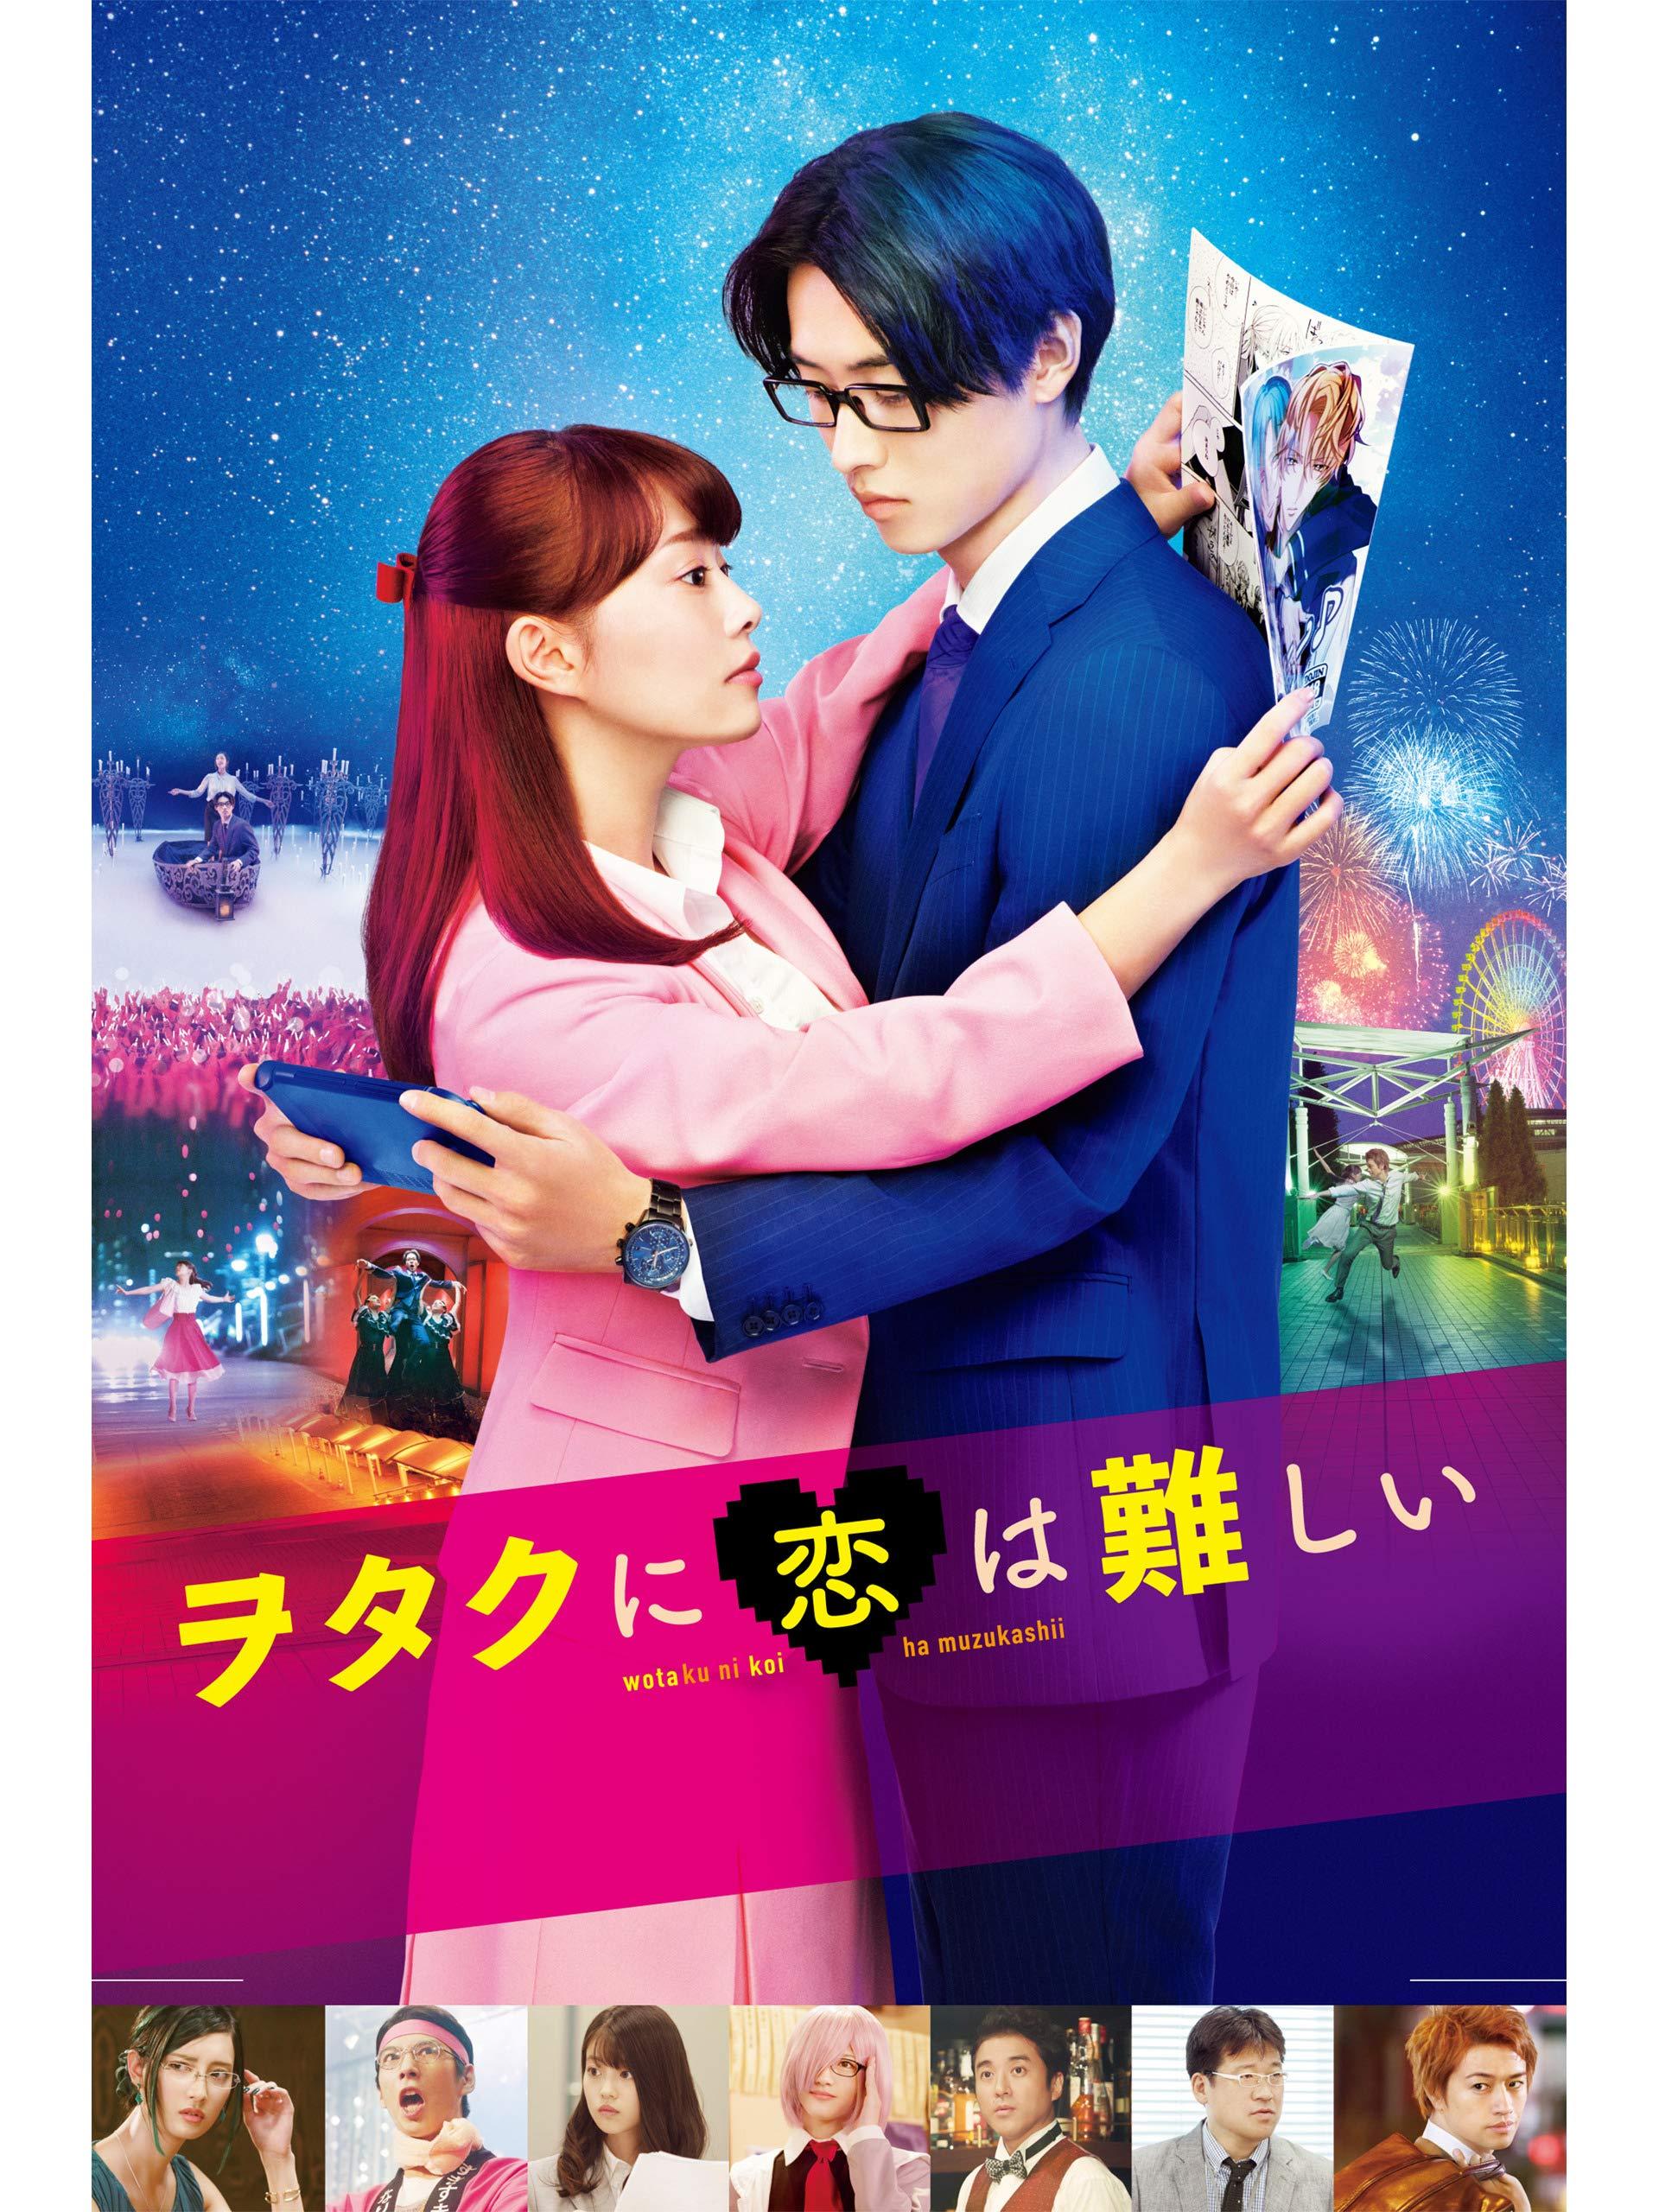 恋 映画 ヲタ